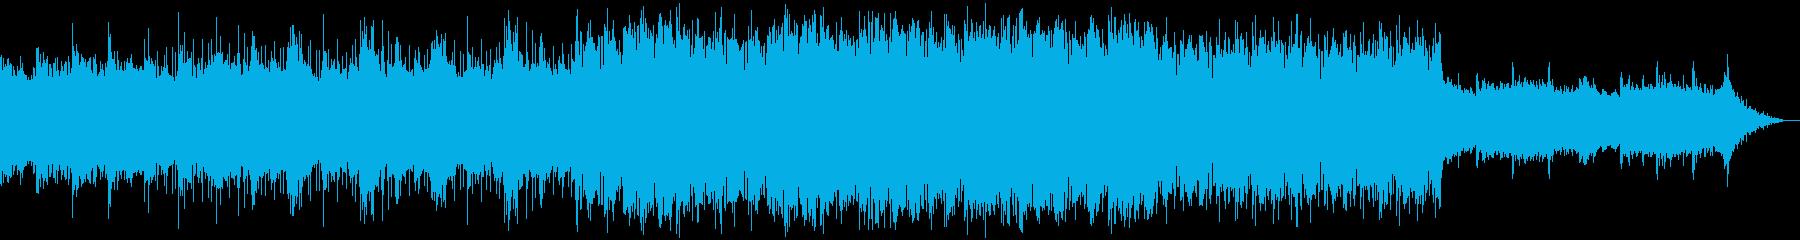 クールな映画のBGMに シンセとピアノの再生済みの波形